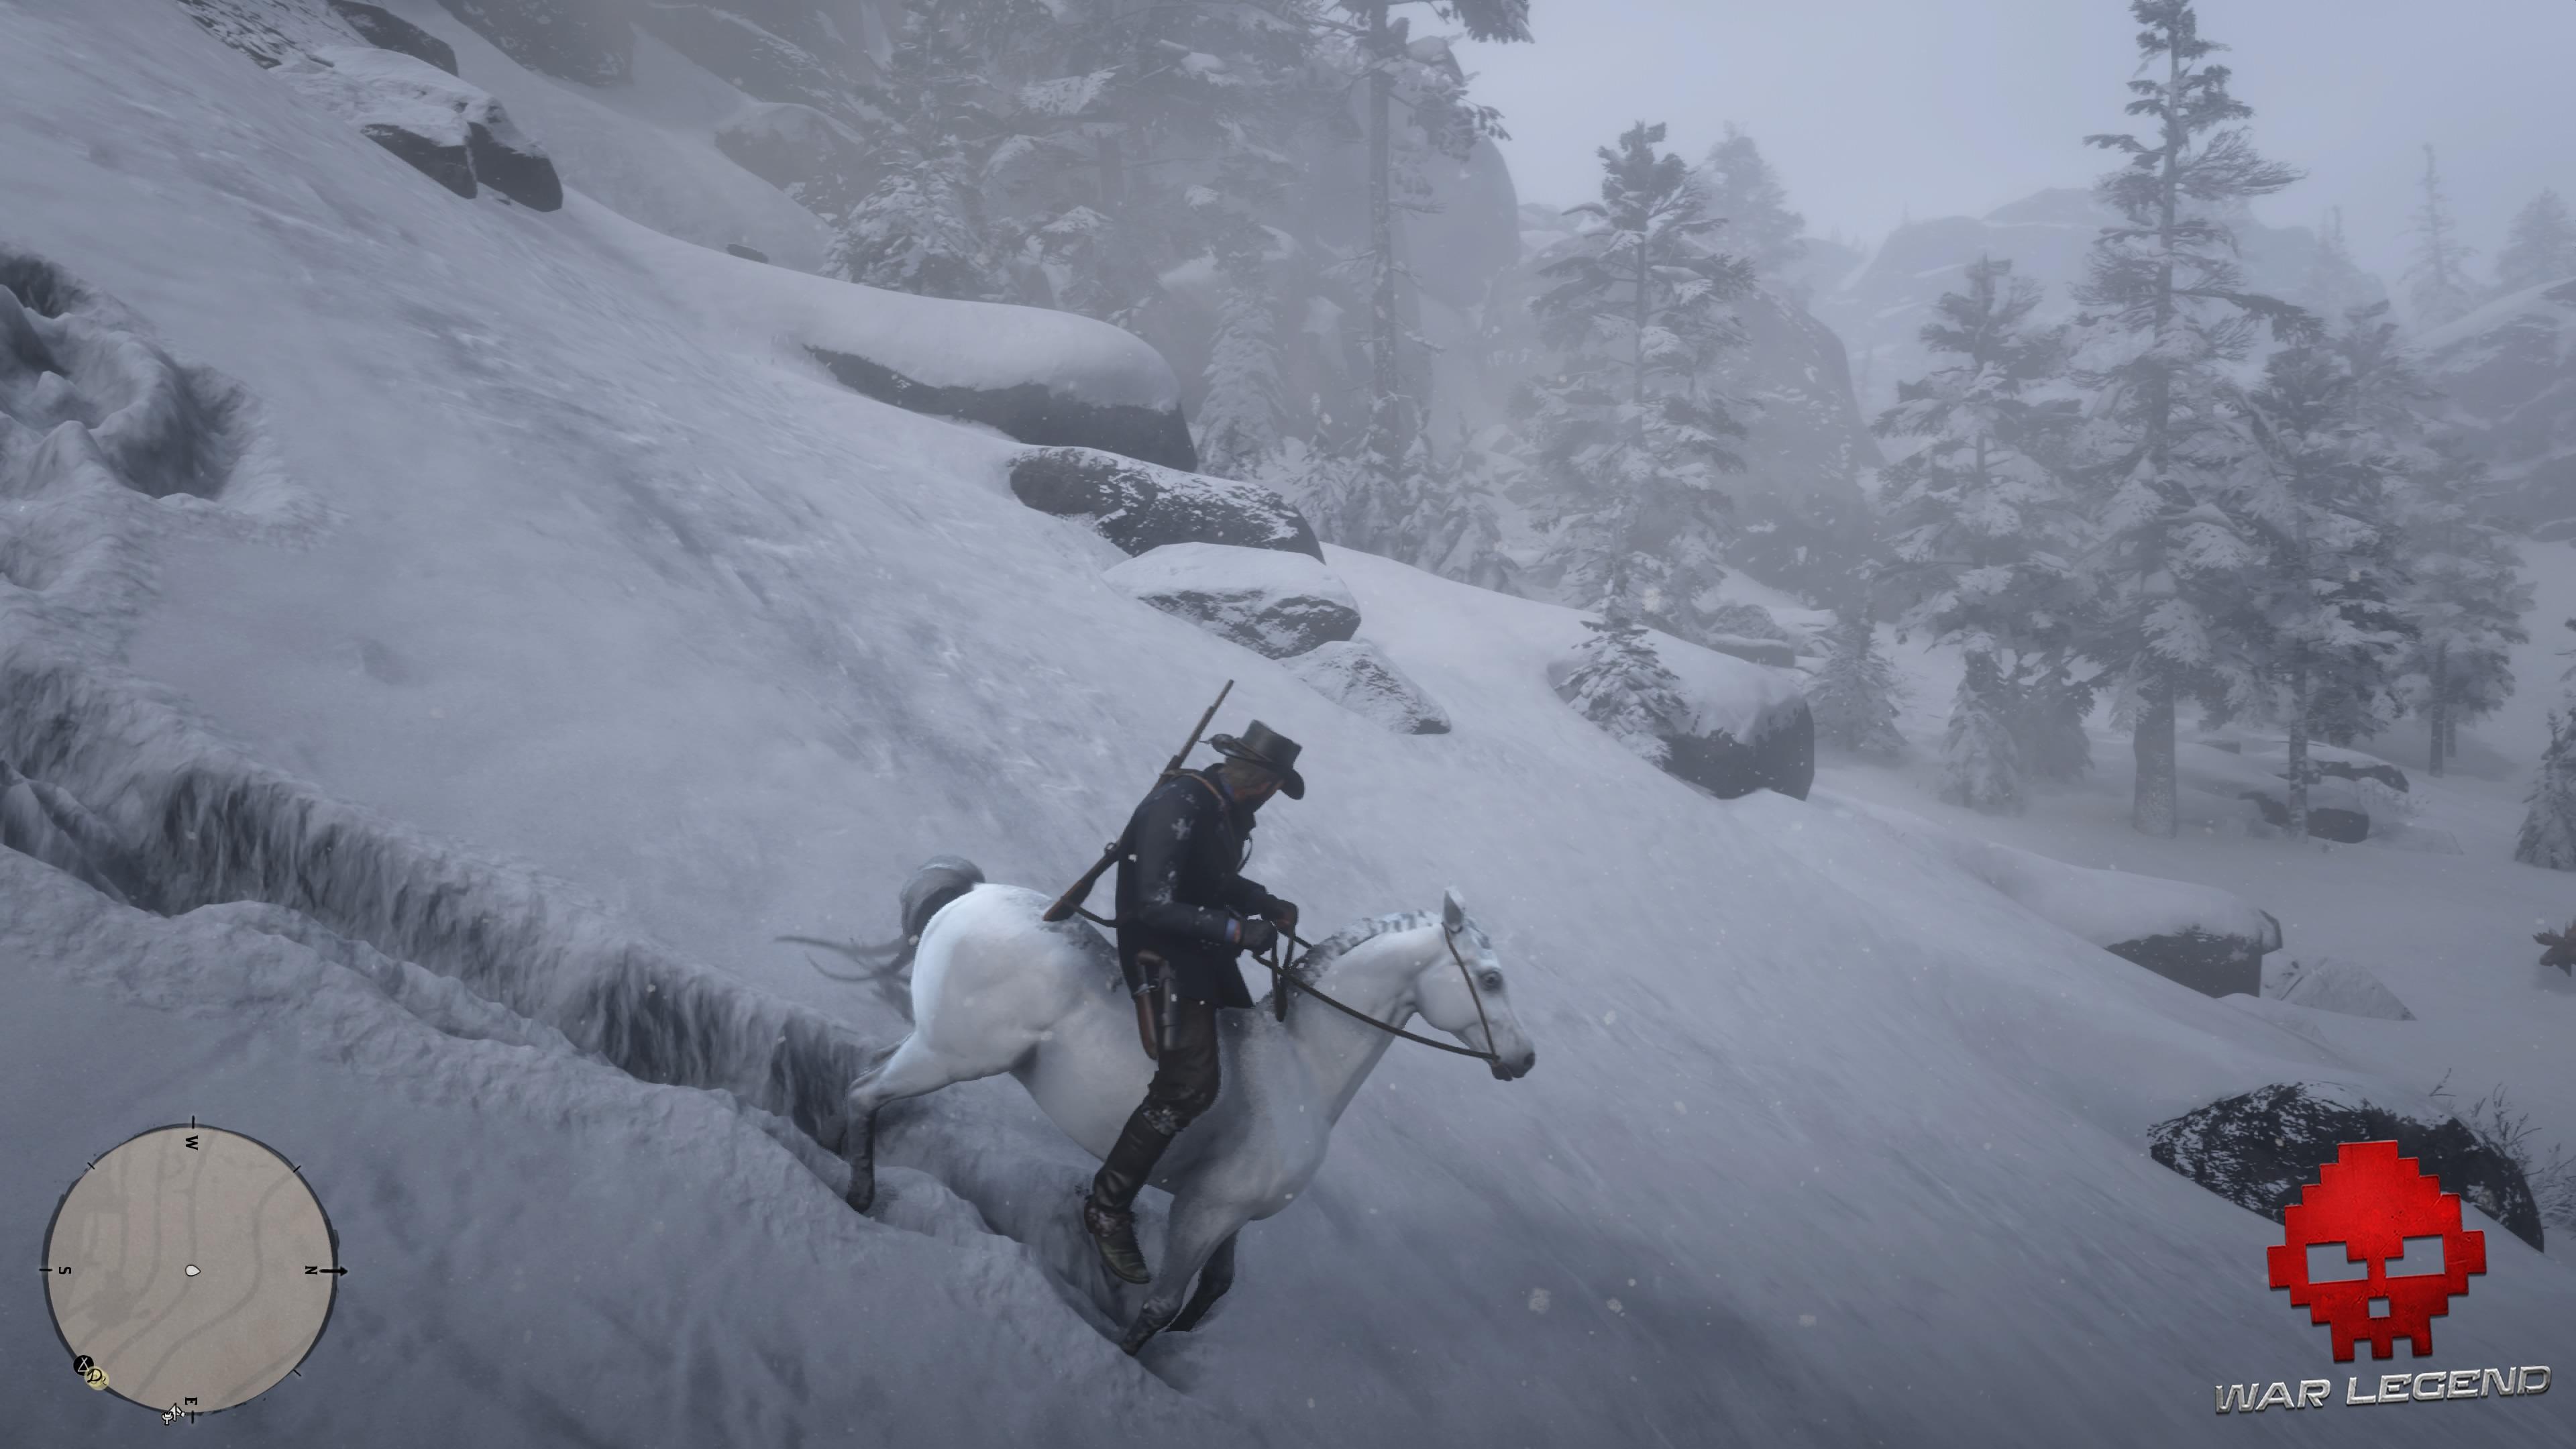 Guide Red Dead Redemption 2 Trouver et dompter le Pur sang arabe blanc Arthur a réussi à débourrer le Pur sang arabe blanc